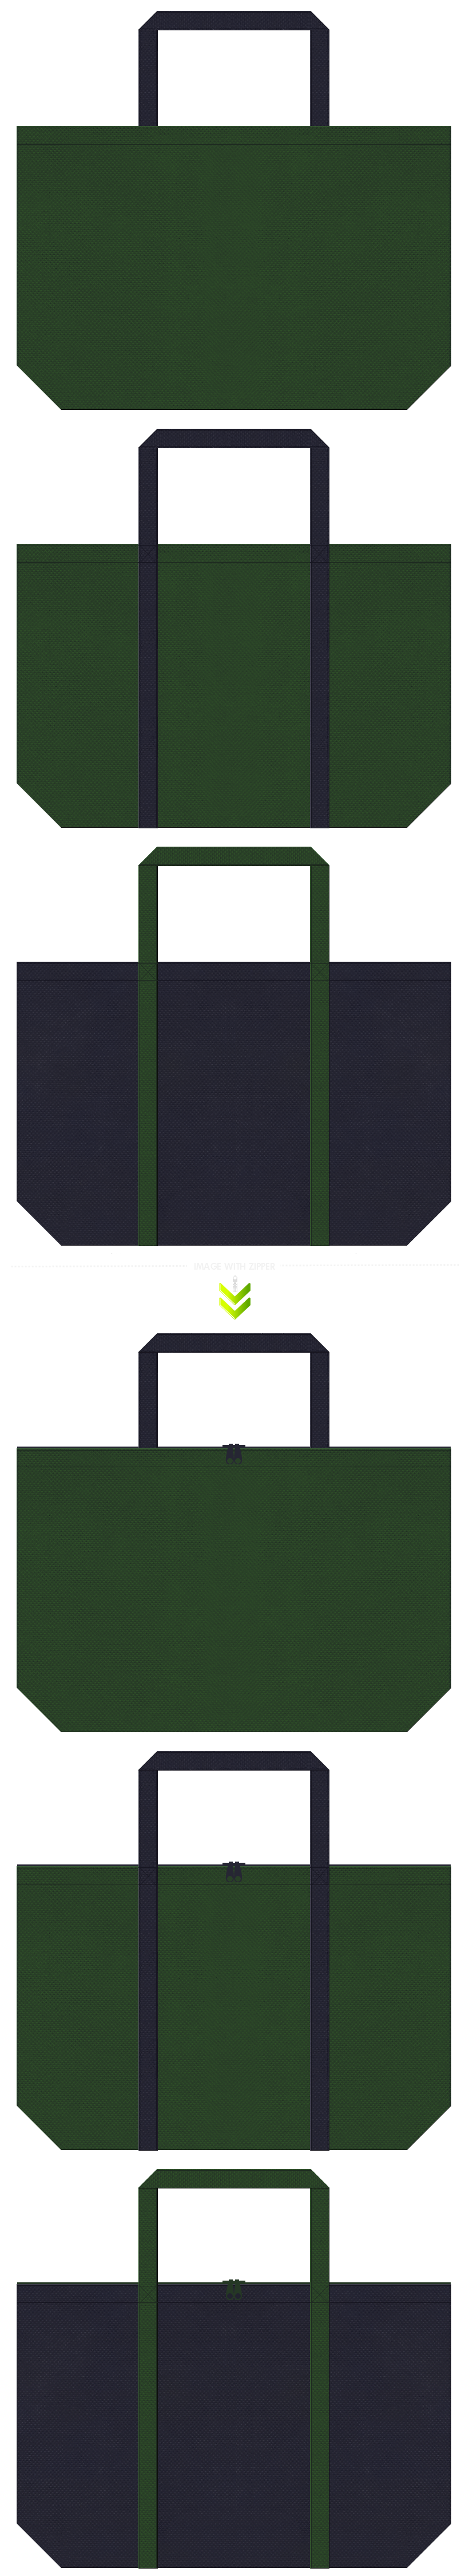 濃緑色と濃紺色の不織布エコバッグのデザイン。